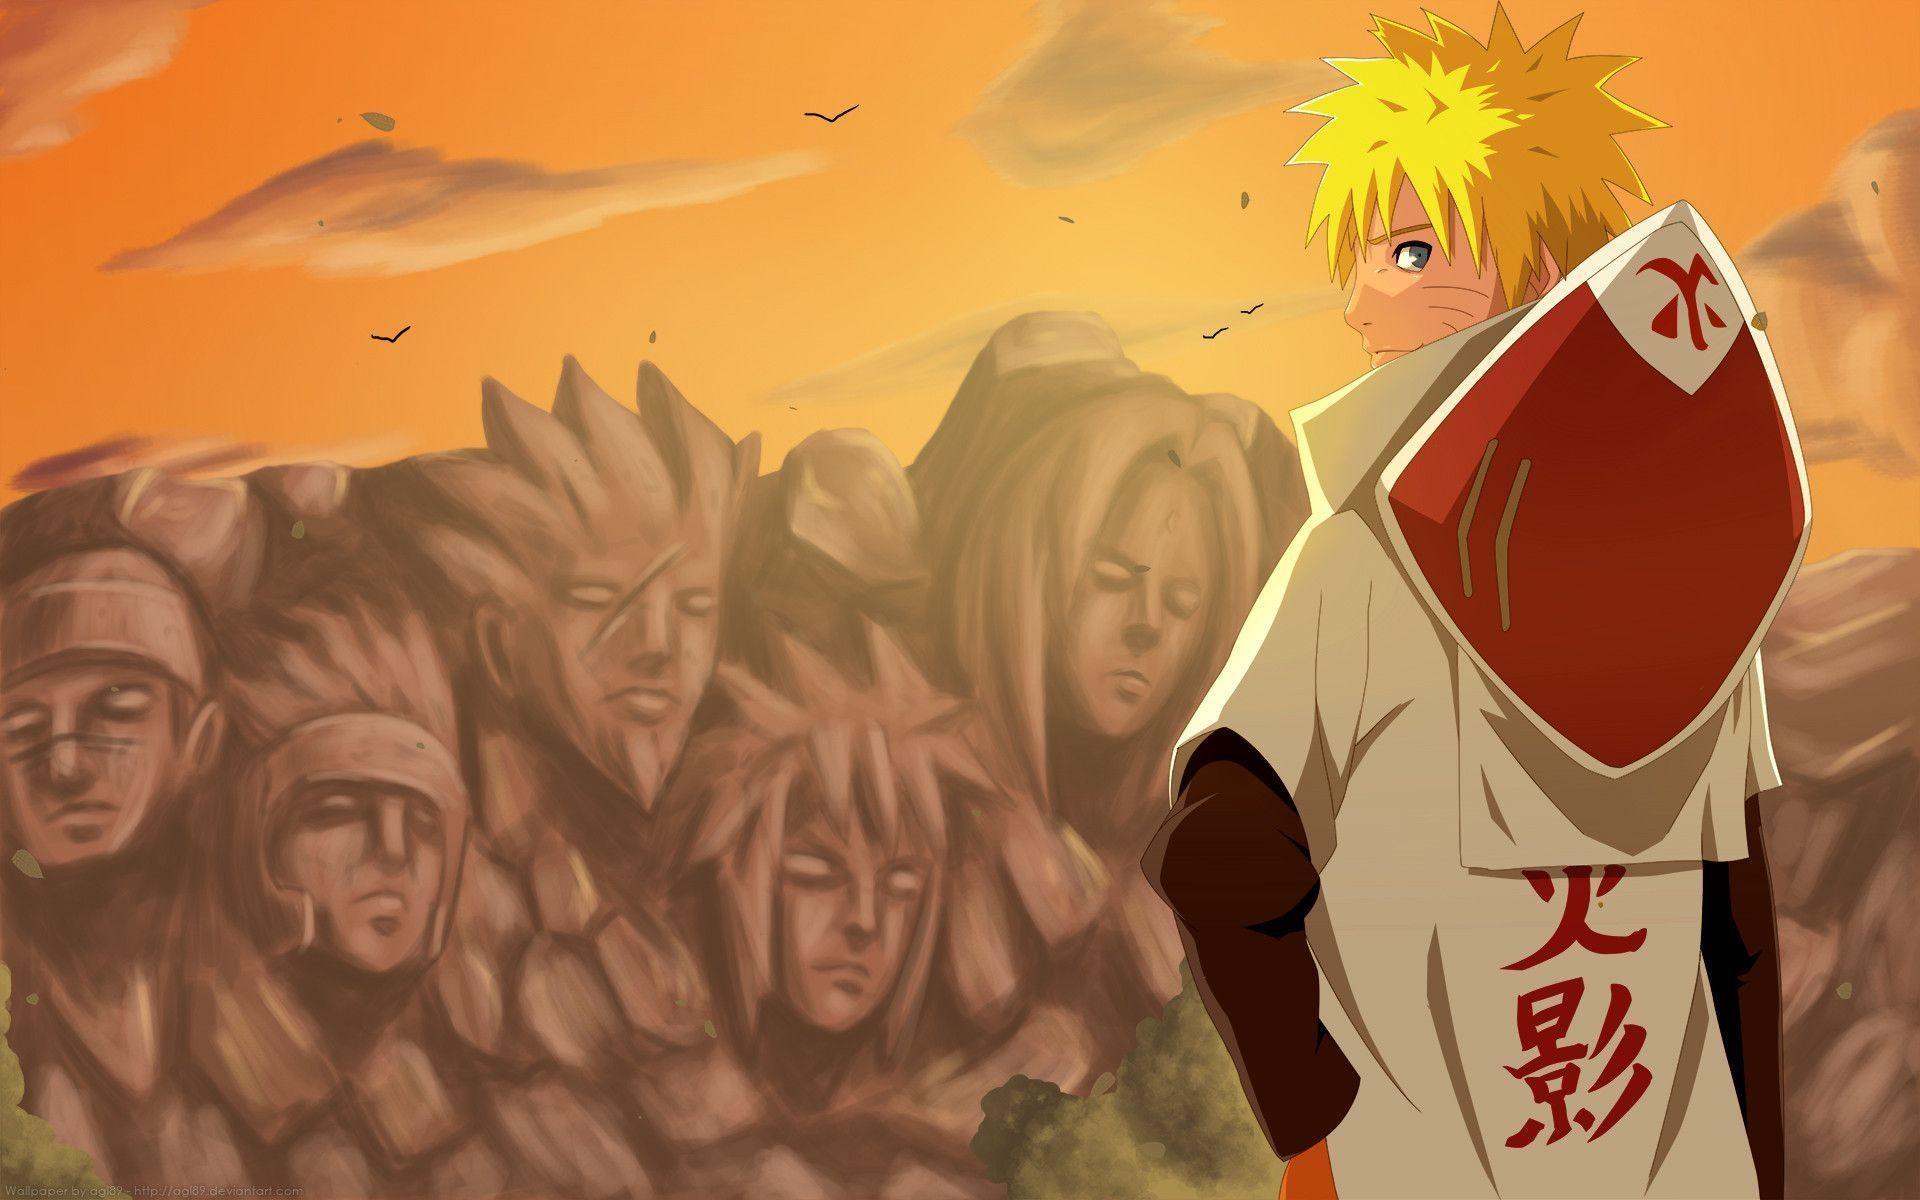 66 Hokage Naruto Wallpapers on WallpaperPlay 1920x1200